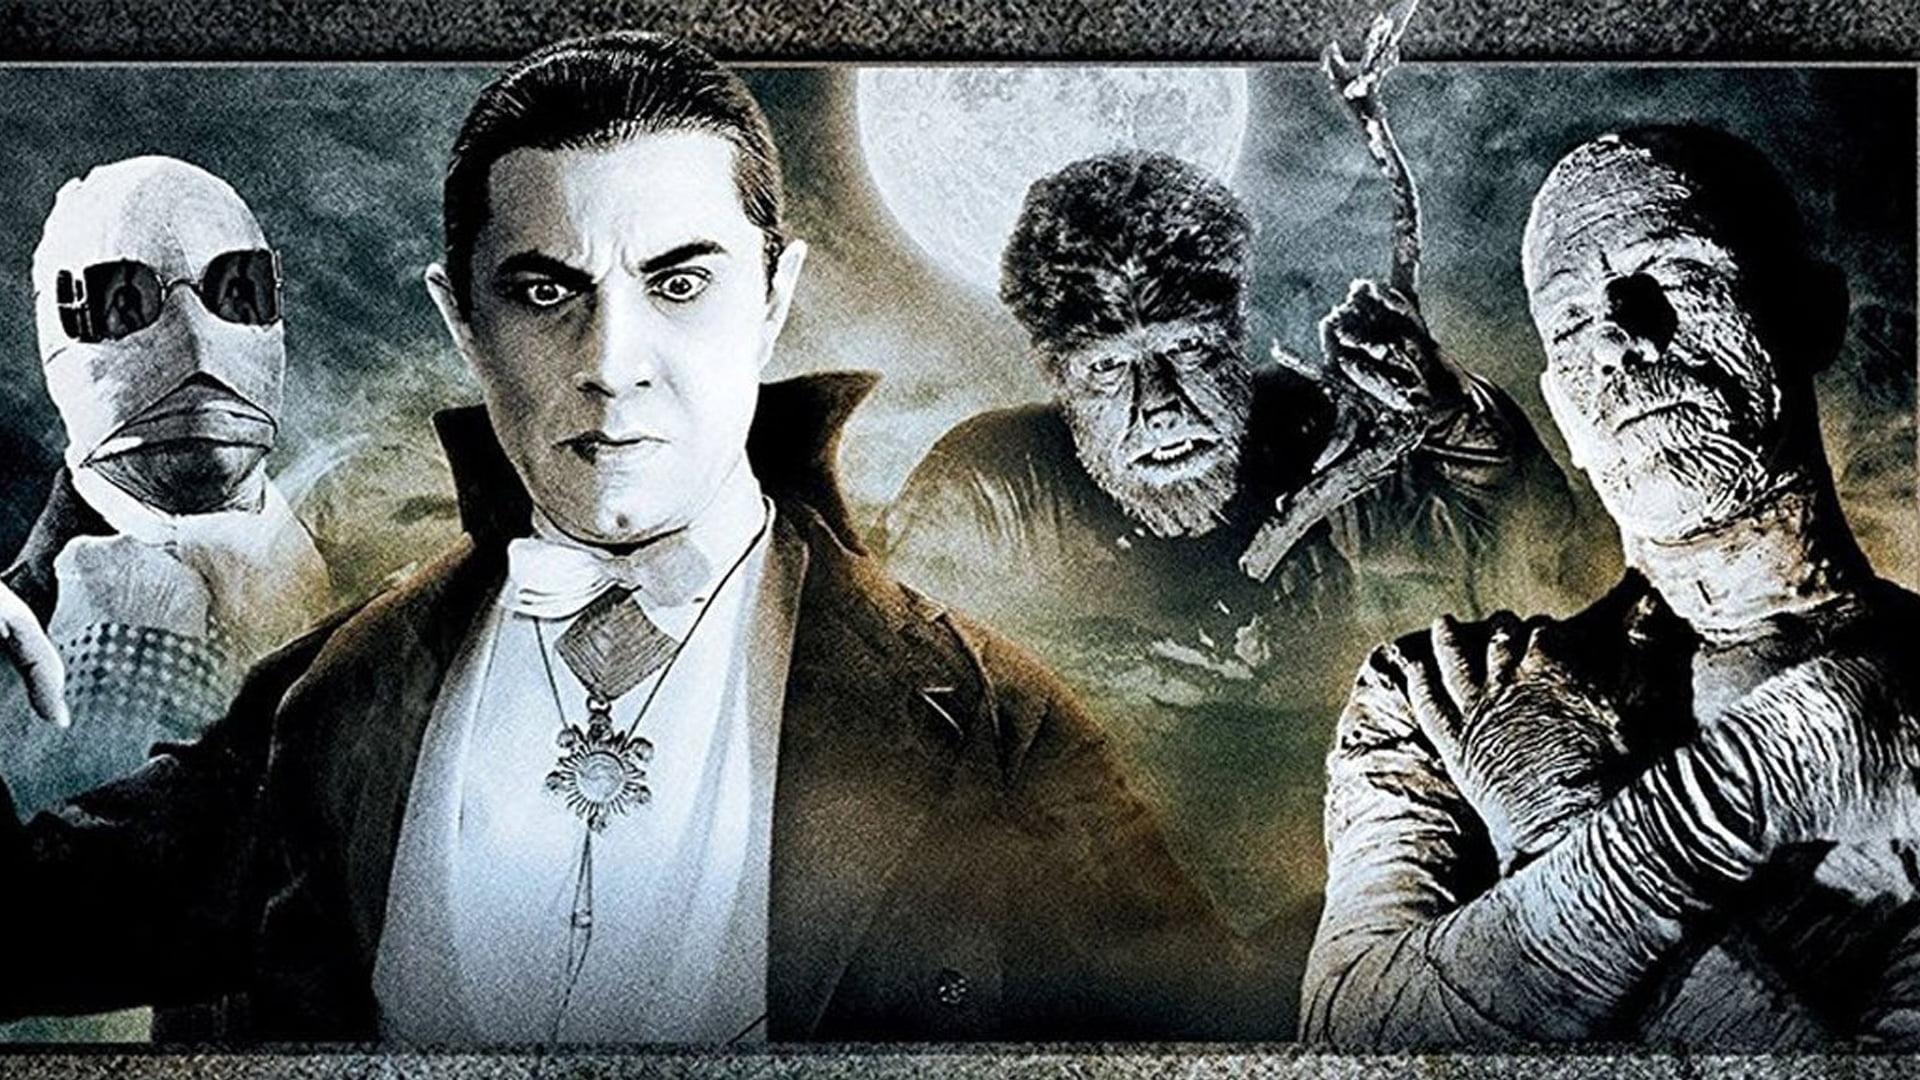 I 5 Migliori Classici Horror Targati Universal 2 - Hynerd.it